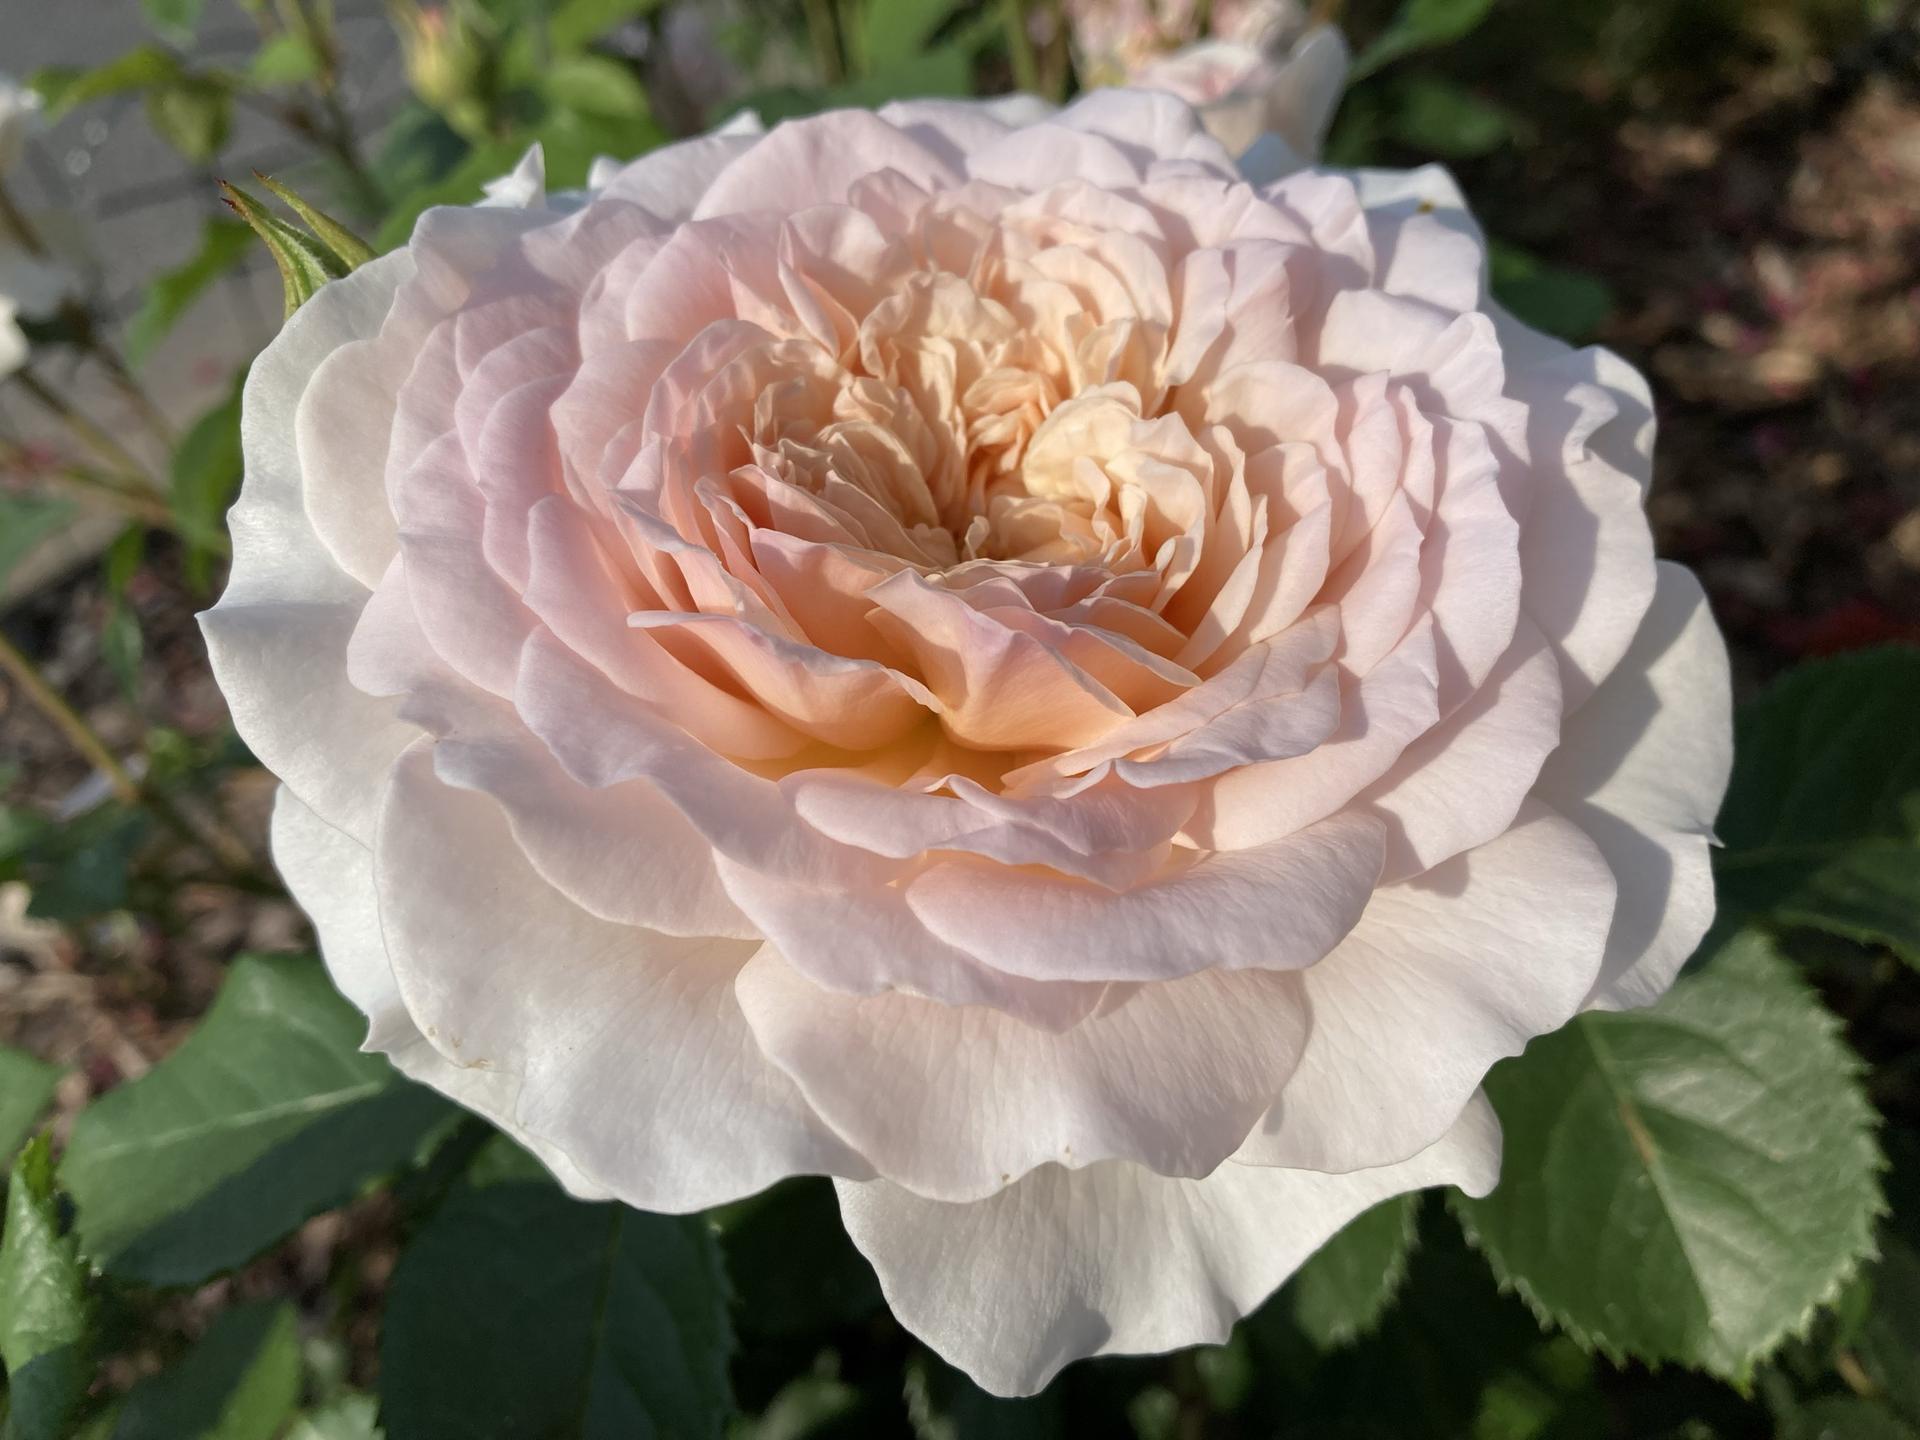 Zahrada 2021 - Emily Brönte, novinka od podzimu, se ma uzasne k svetu! Ta jeji maslova barva a intenzivni vune me fascinuji❤️!